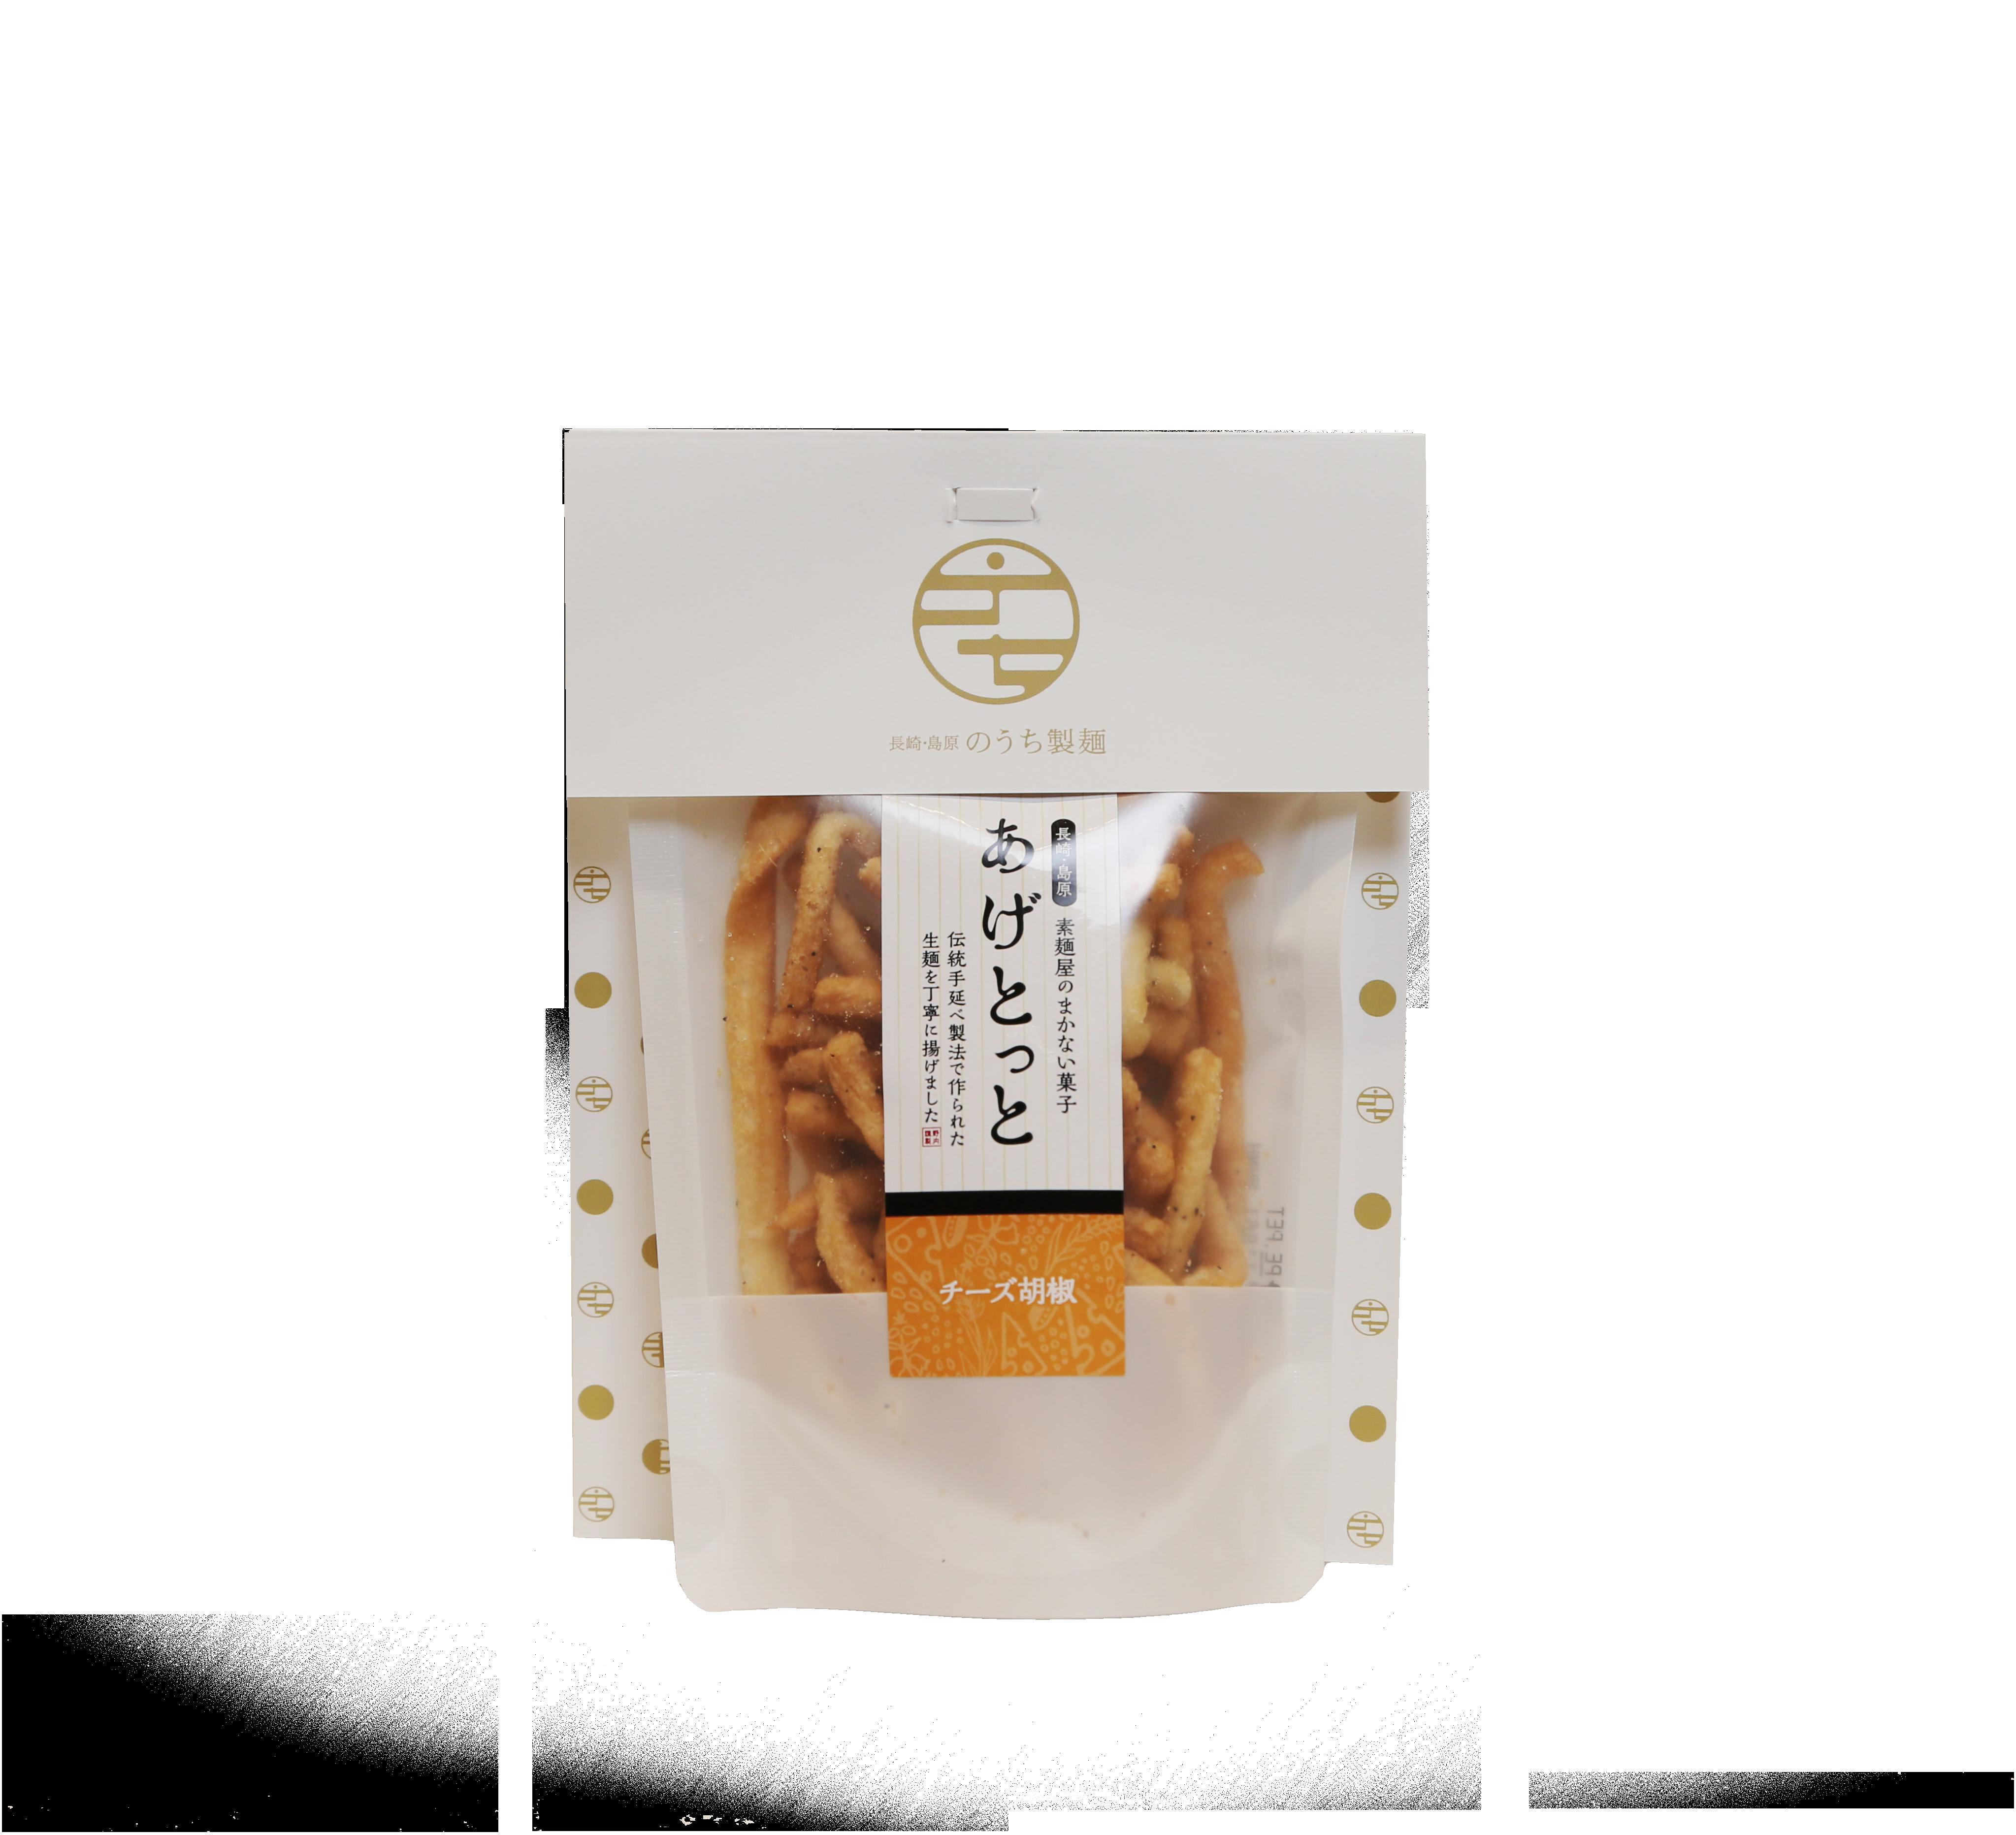 あげとっと チーズ胡椒     35g 【のうち製麺】